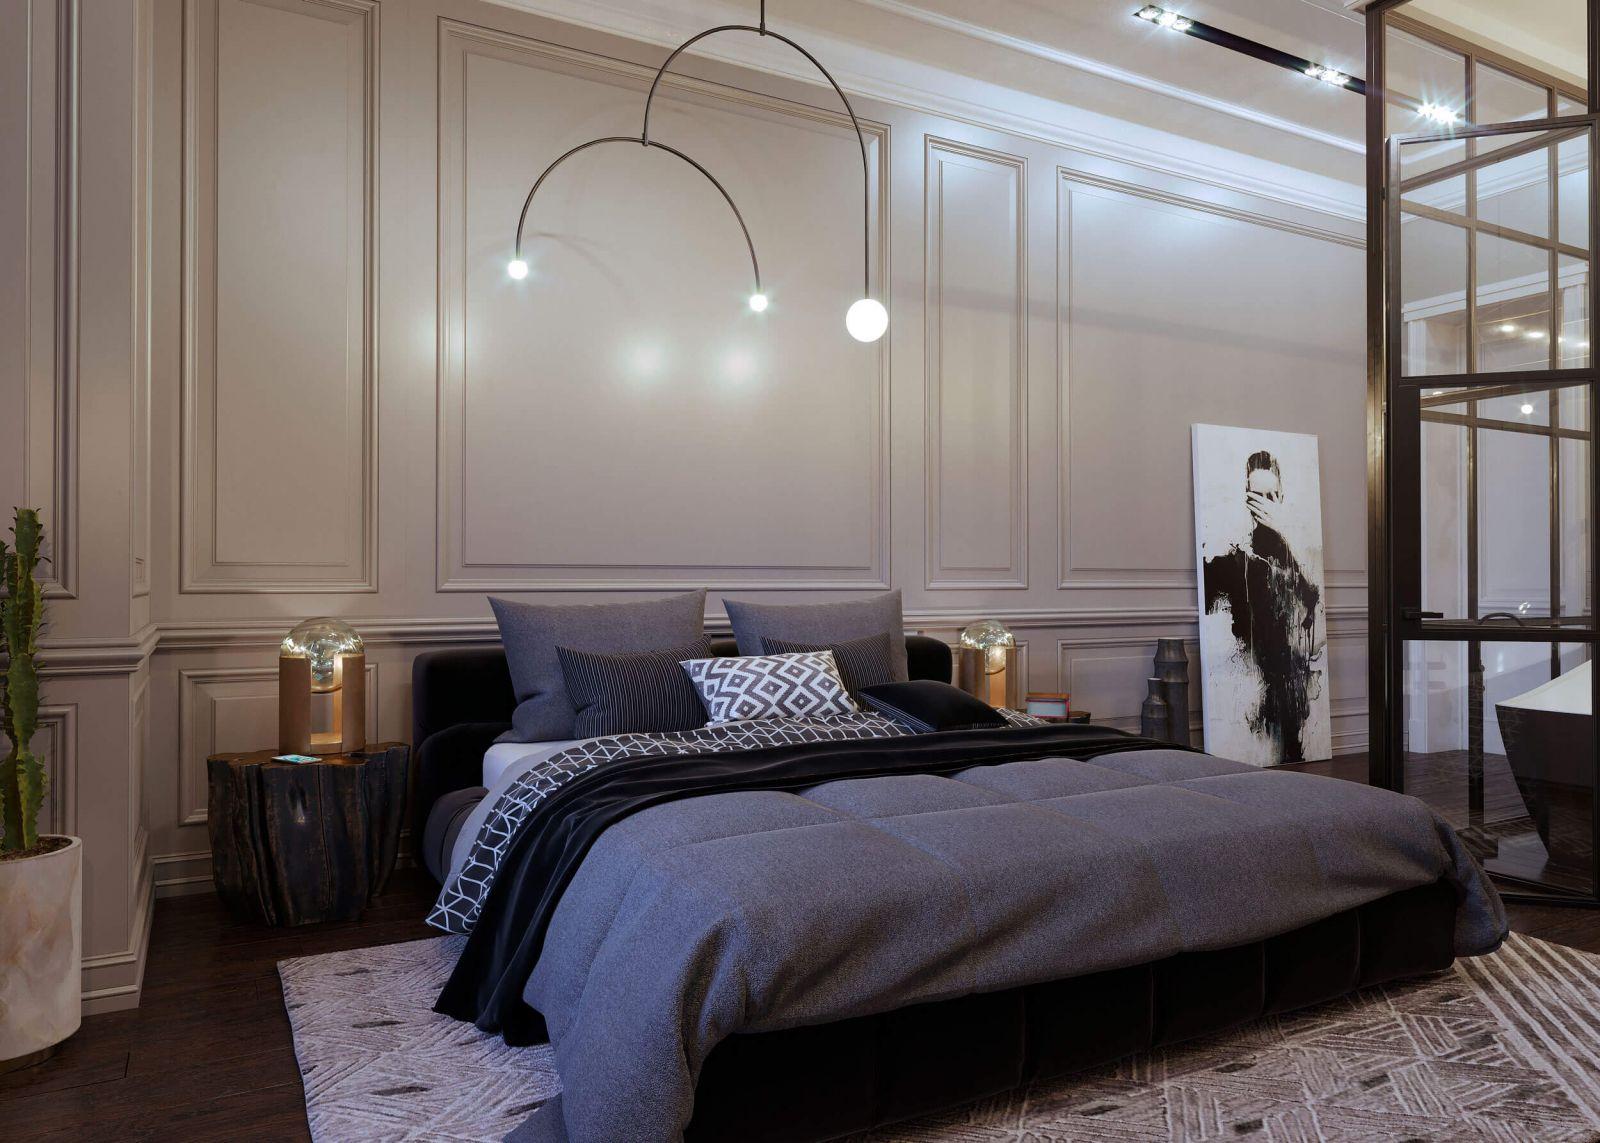 Интегрированная в интерьер спальни ванная комната ограждена стеклянными перегородками, что добавляет помещению ощущение легкости